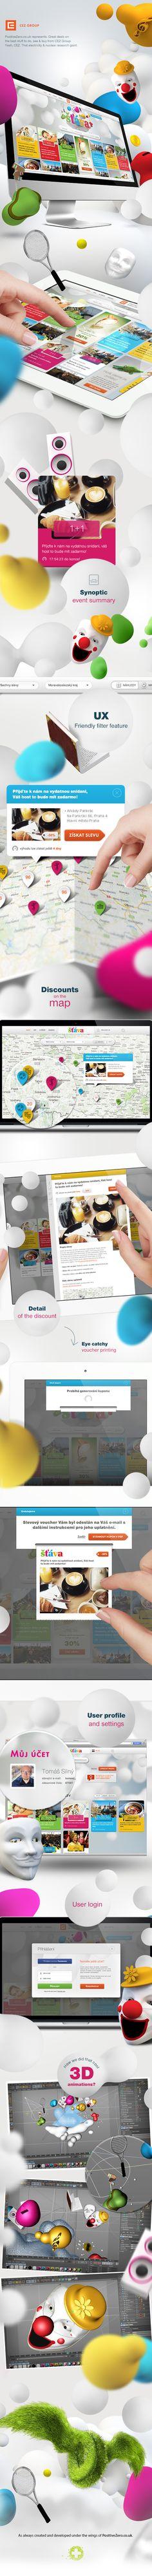 Great deals and discounts portal by CEZ by PositiveZero.co.uk , via Behance